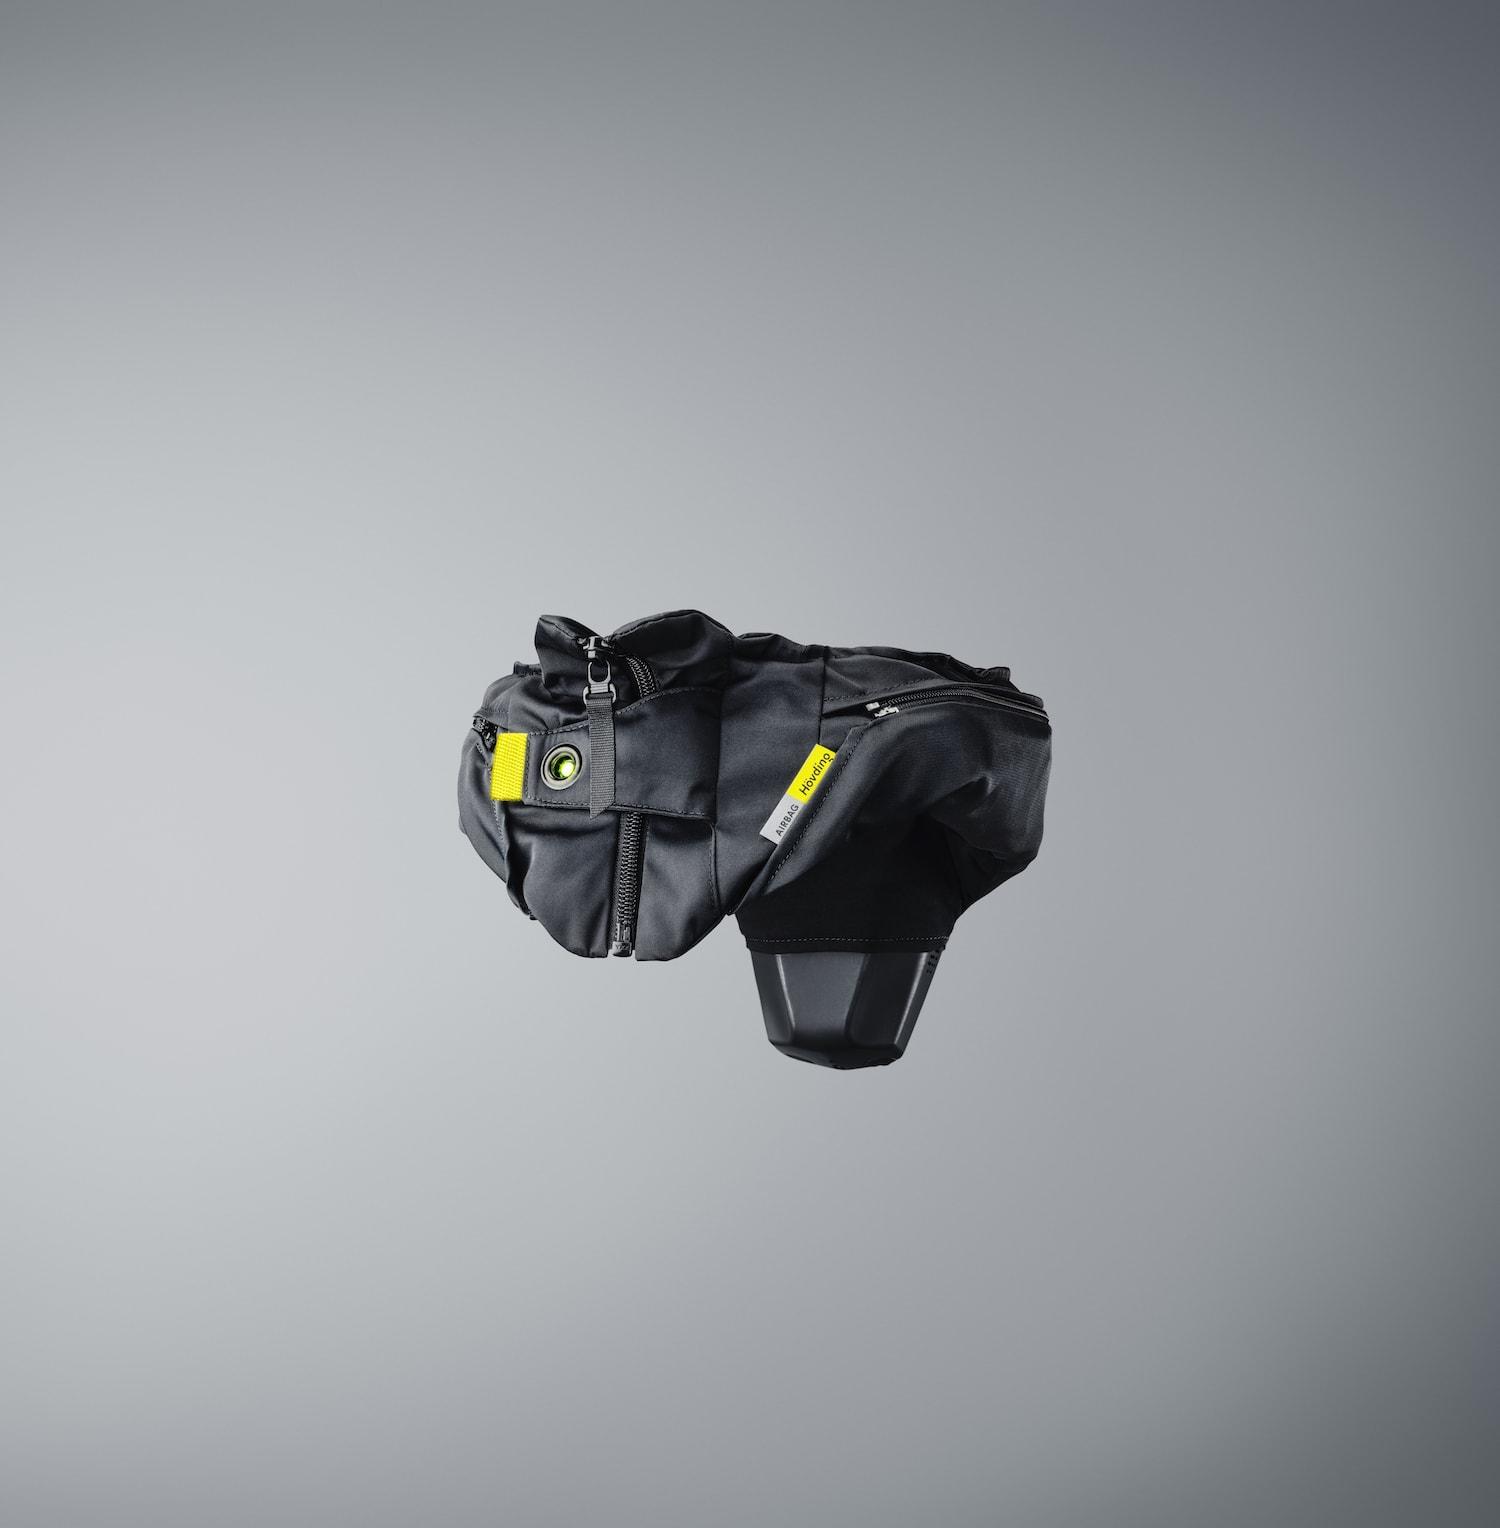 Fahrrad Equipment: Hövding Kopfschutz